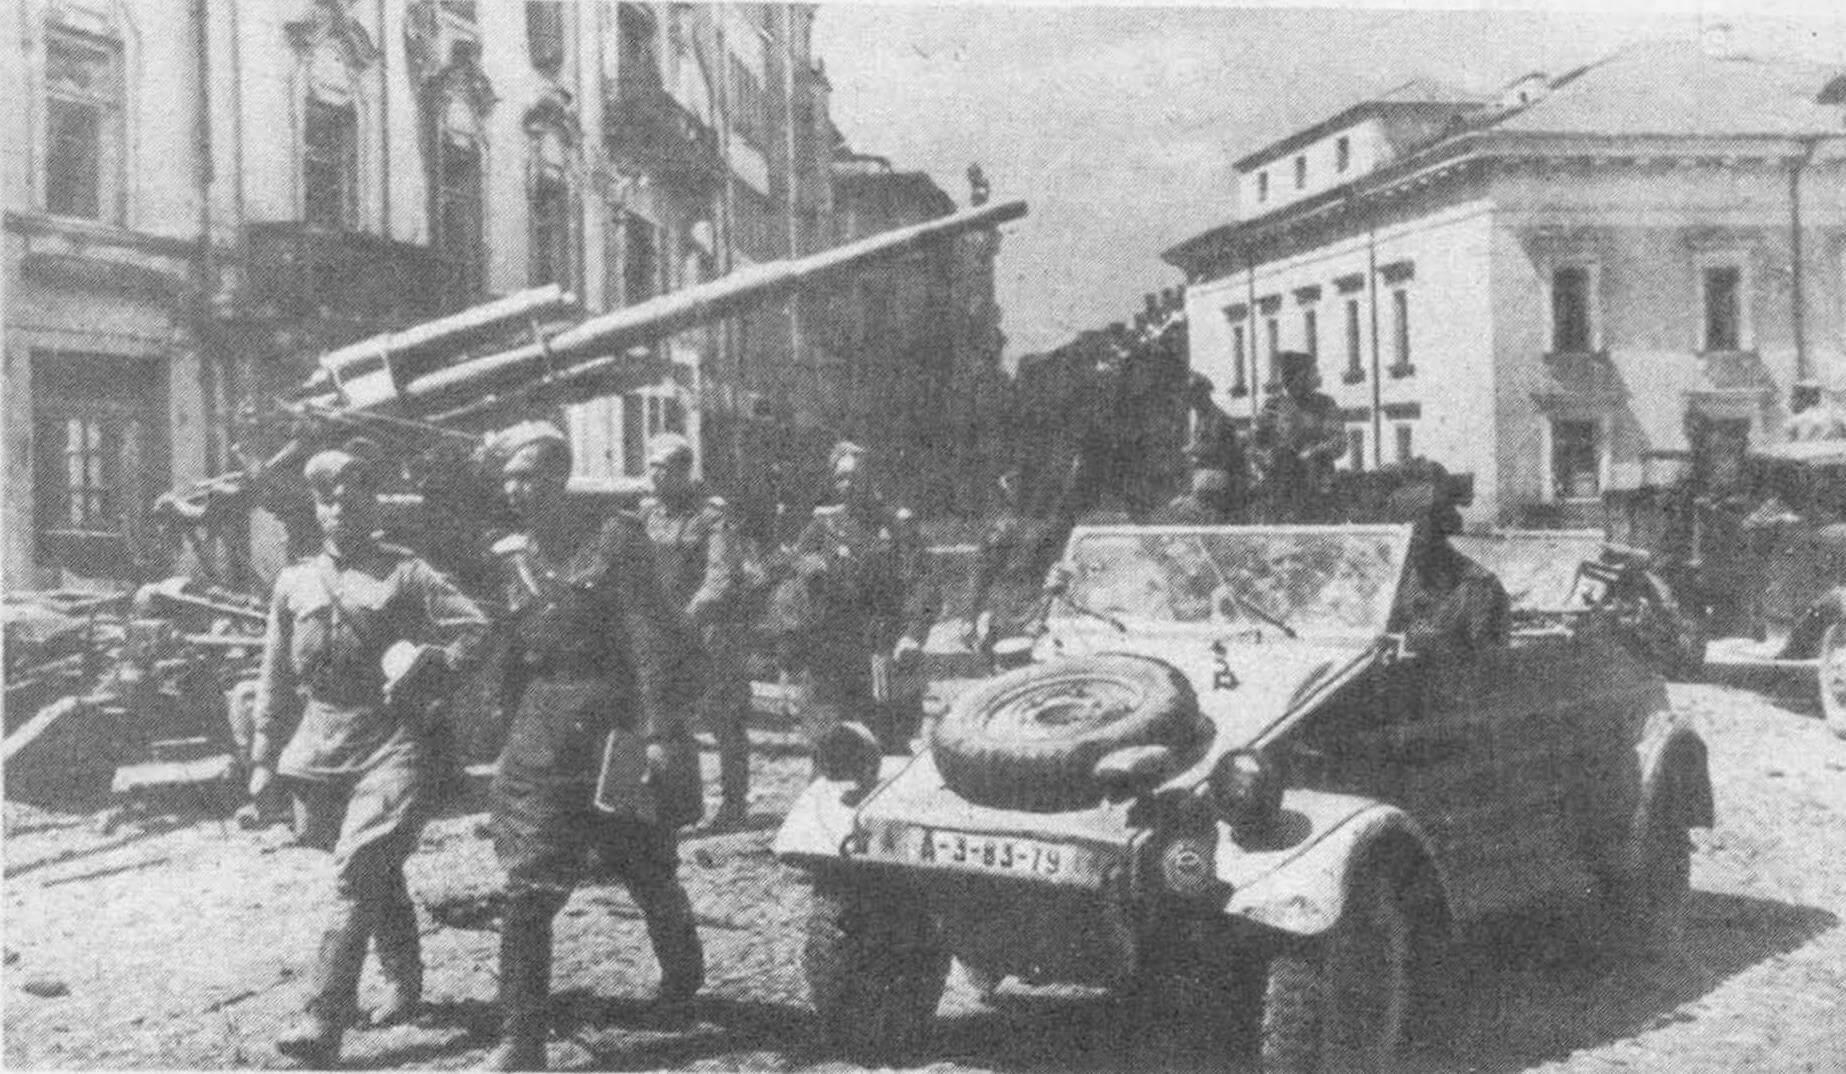 Трофей Красной Армии — автомобиль «Кюбельваген» на улицах освобожденного Вильнюса. 1944 год. Фото из коллекции М. Барятинского